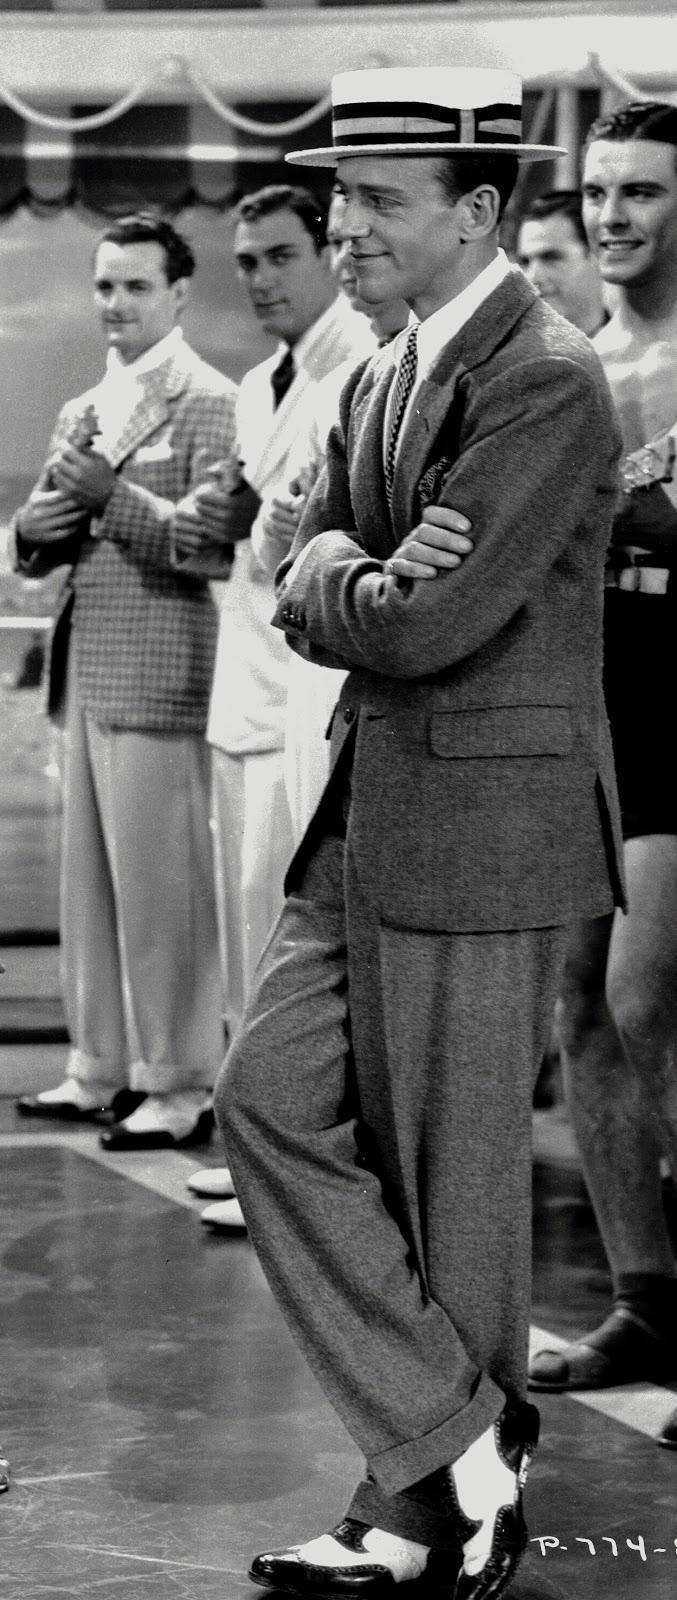 Vestimenta, estilos de baile y música de los años 20 (Ejemplos) Peli-fred